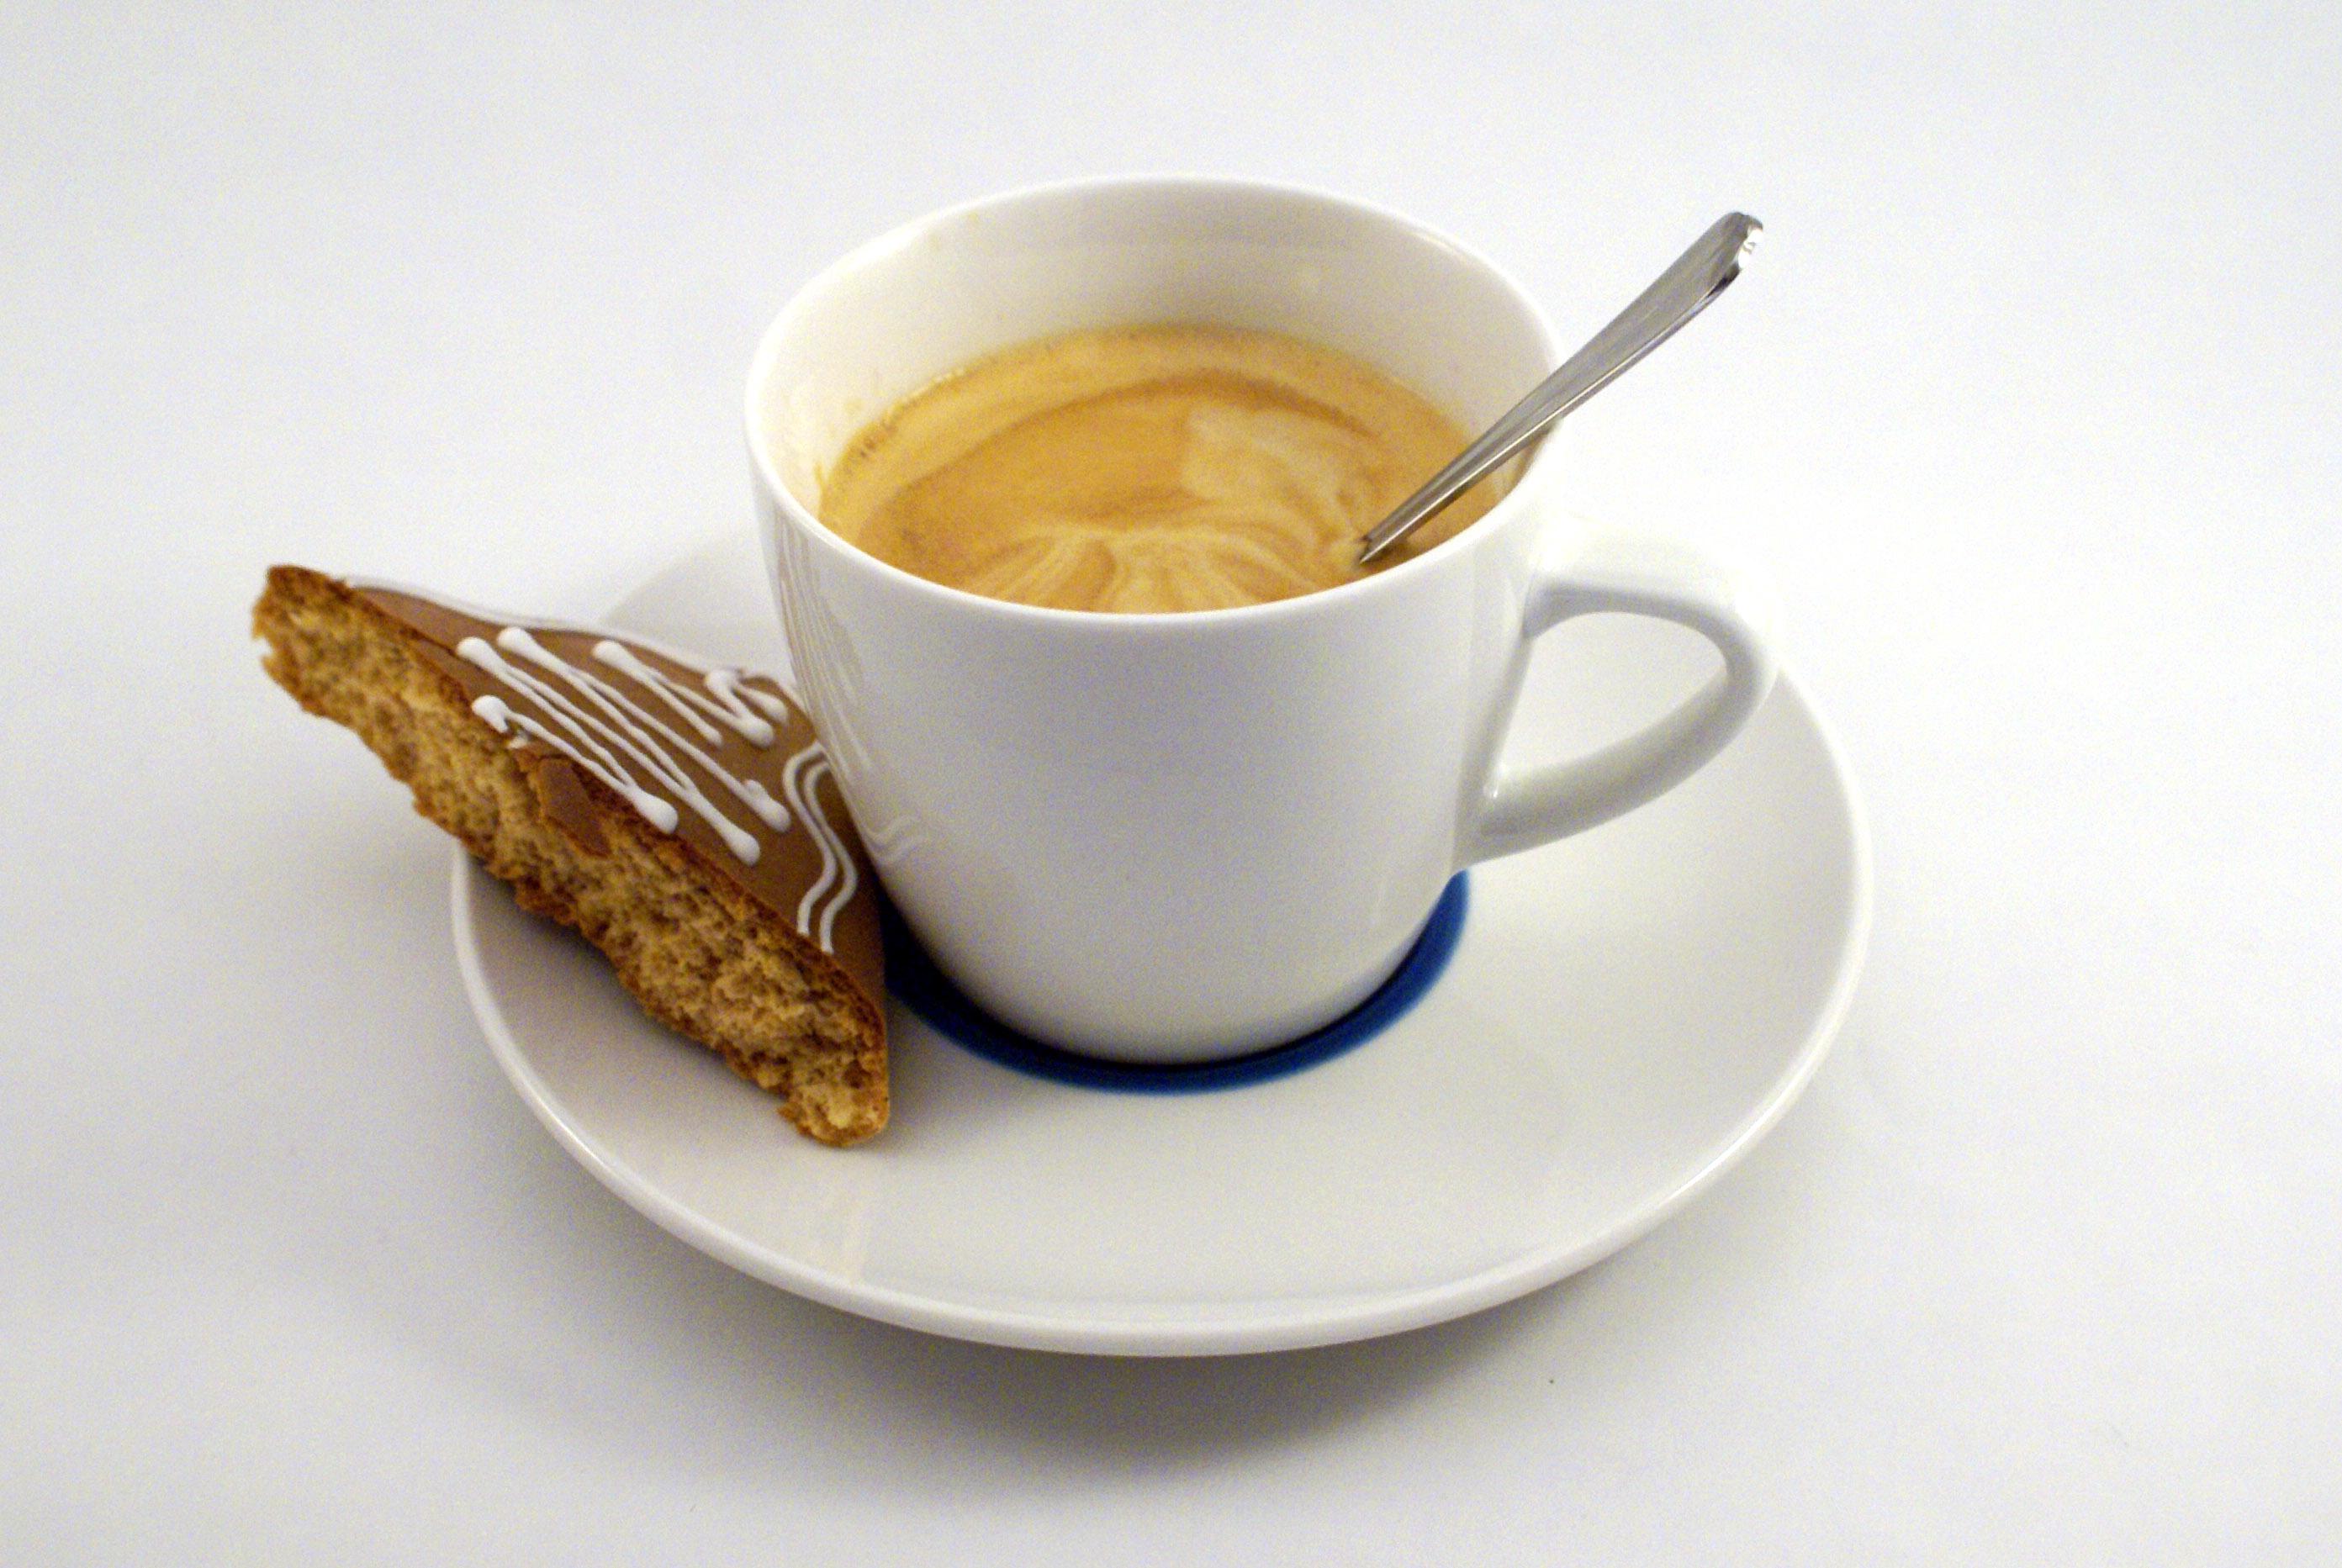 kaffee kalter kaffee with kaffee with kaffee kaffee with kaffee restaurant radio kaffee with. Black Bedroom Furniture Sets. Home Design Ideas